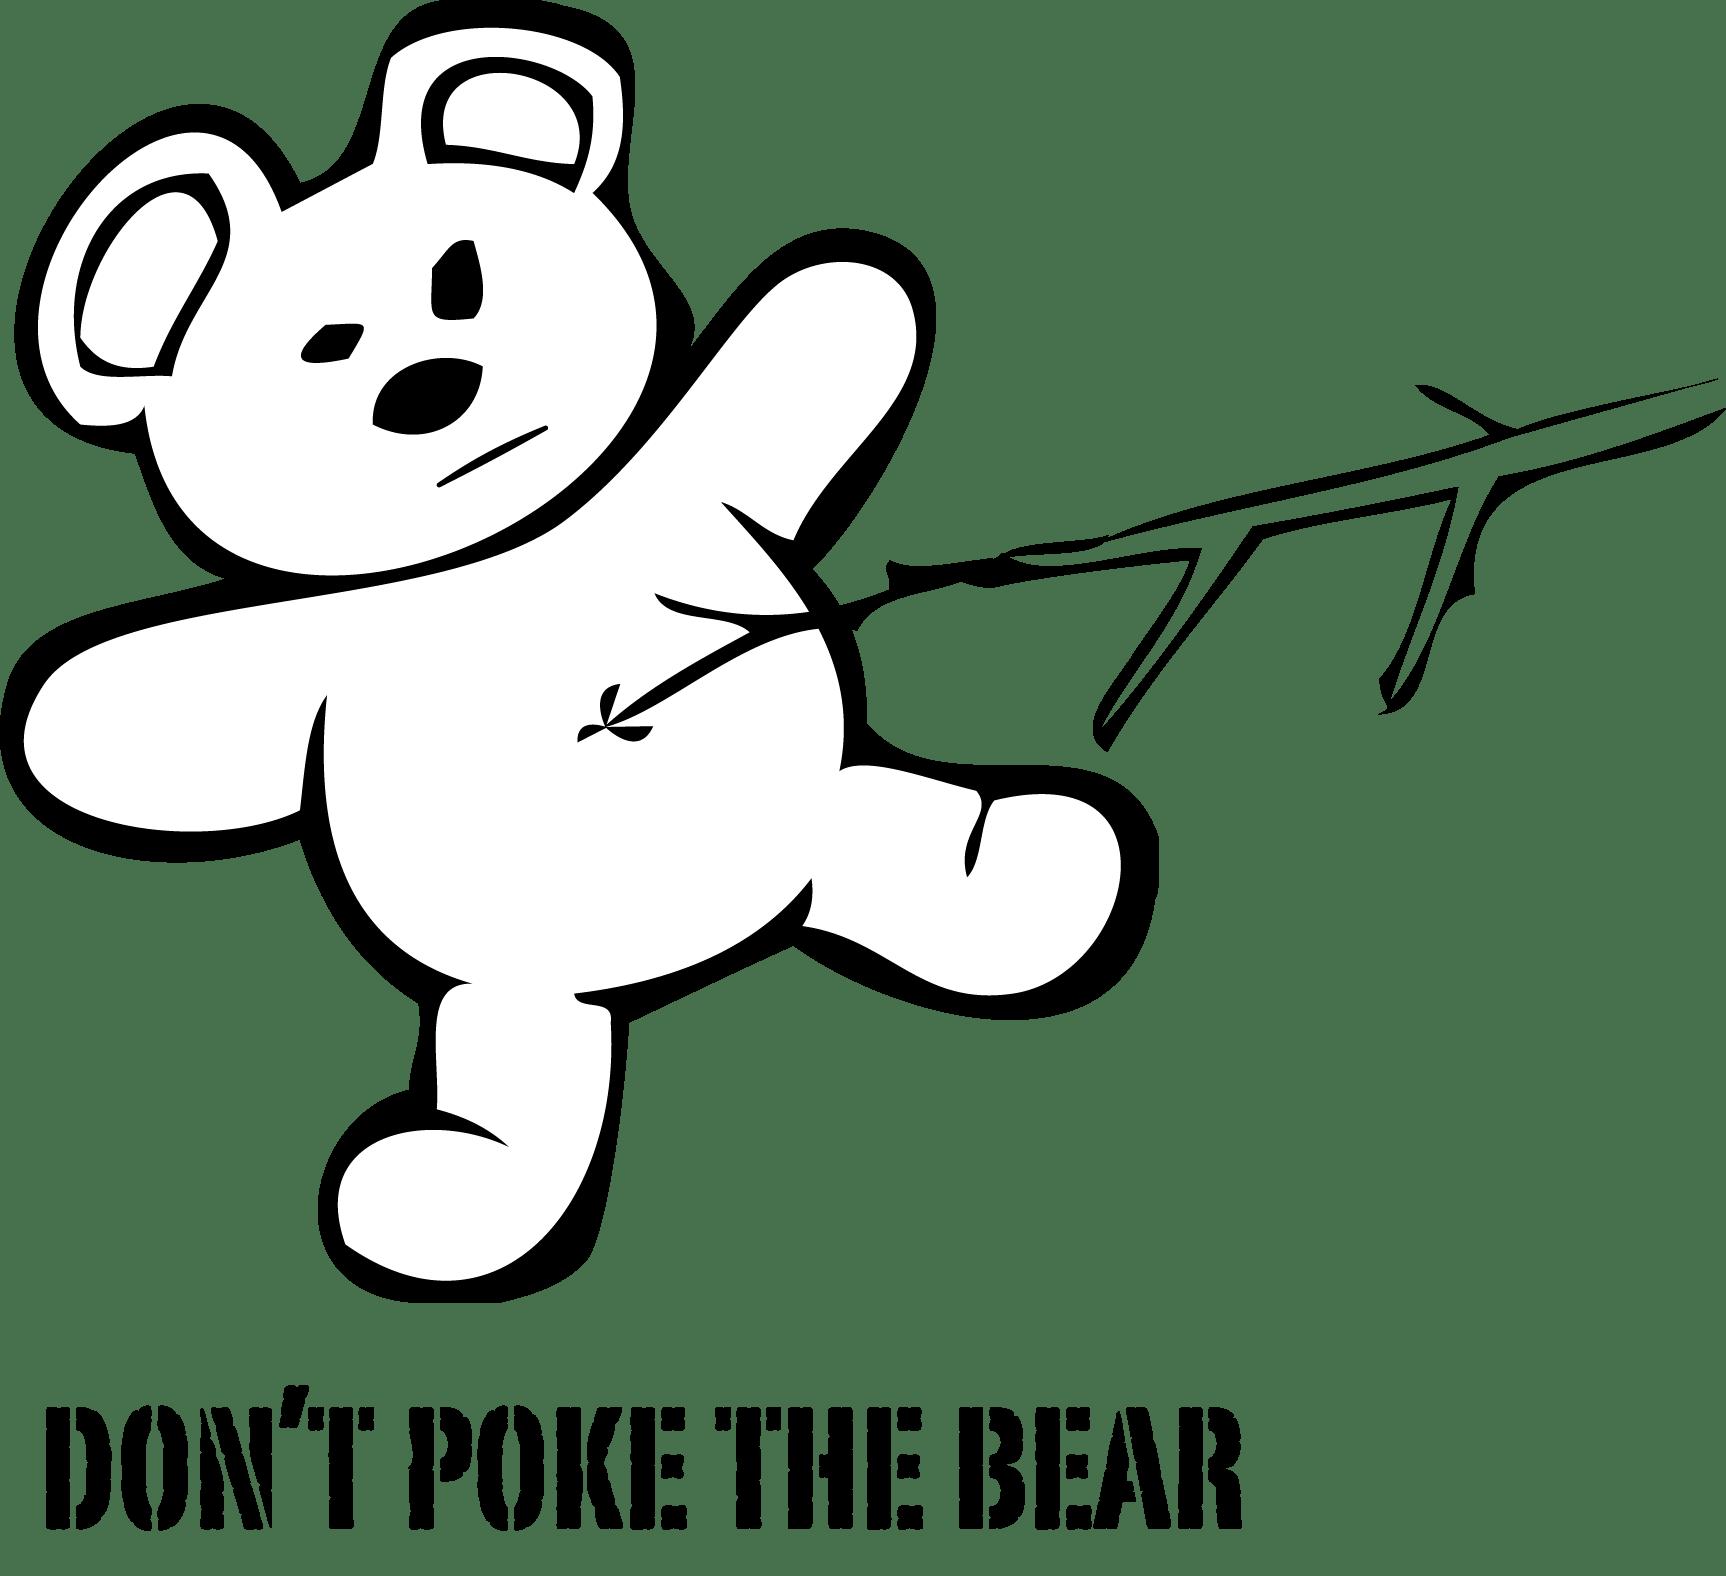 He S In A Bad Mood Don T Poke The Bear To Do Or Say